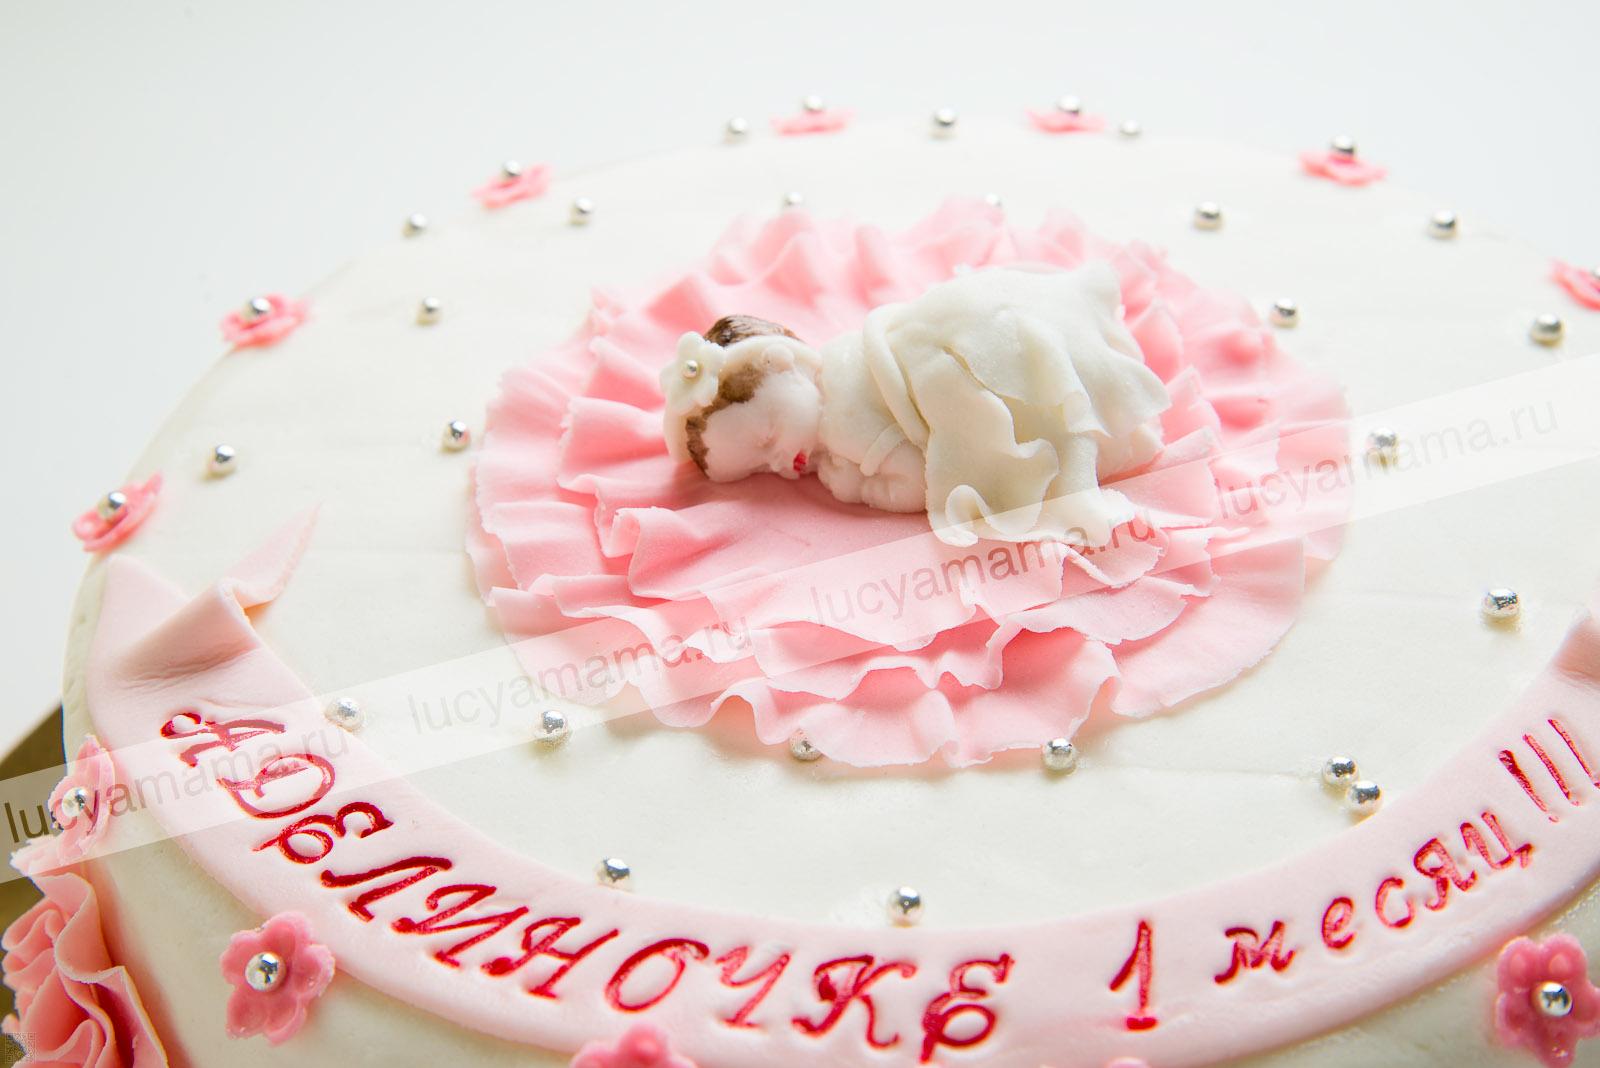 Смс поздравления 1 месяц девочке